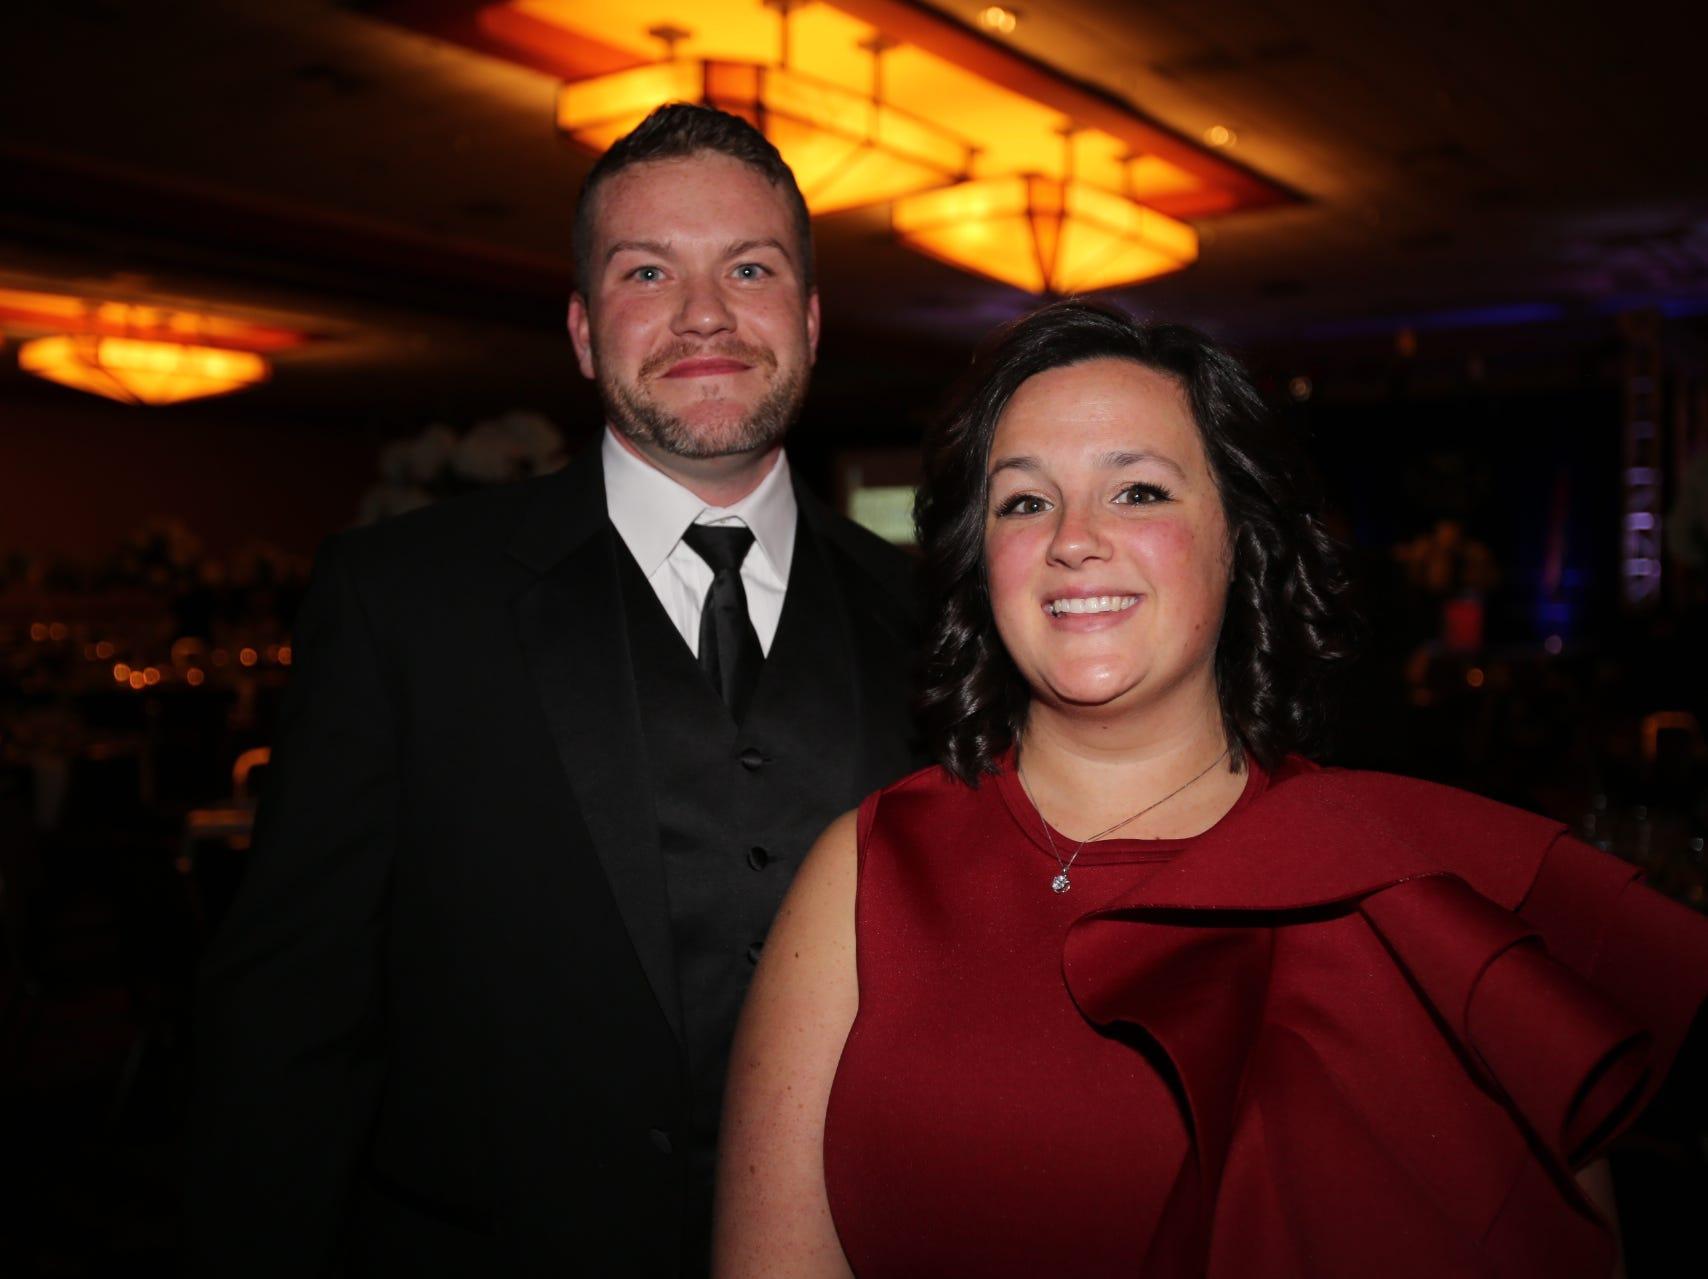 John Fahey and Brianna Russell